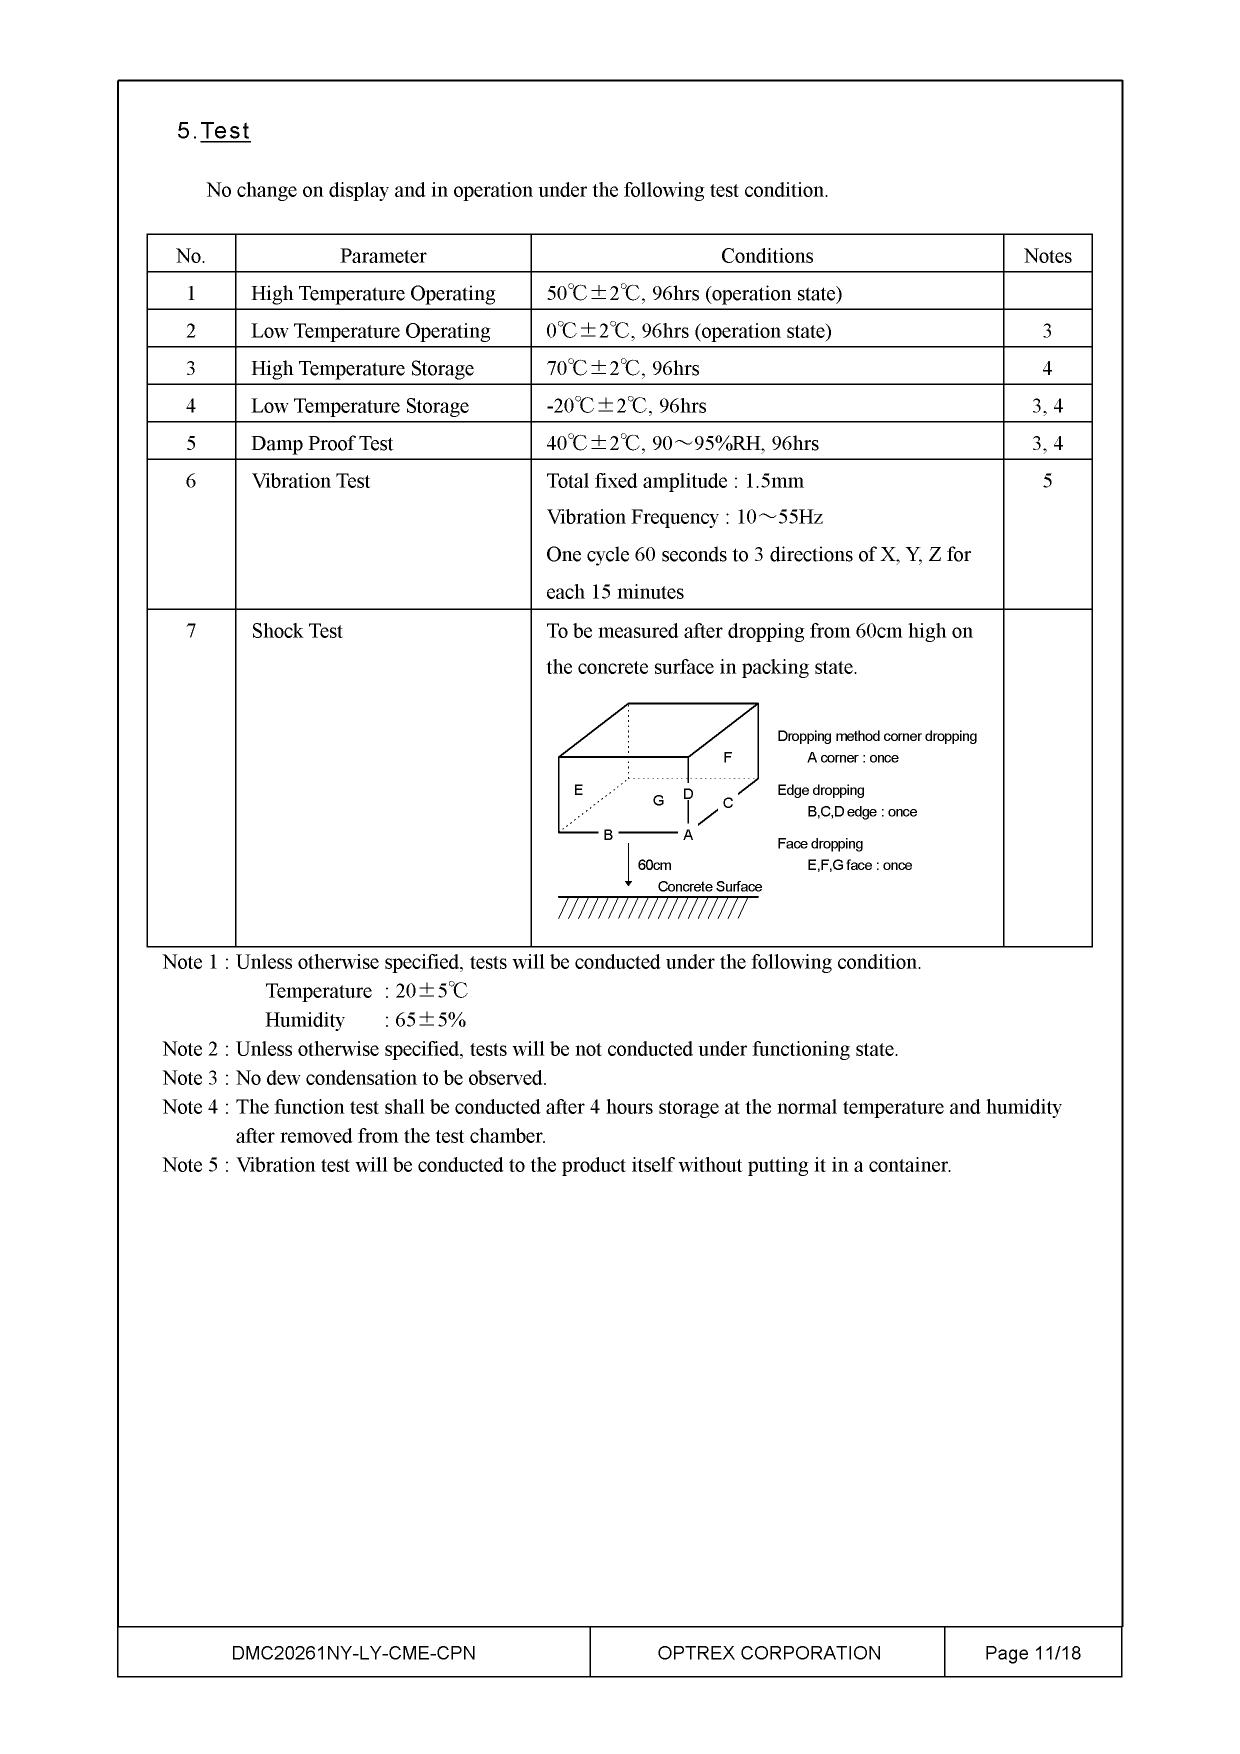 DMC20261NY-LY-CME-CPN arduino